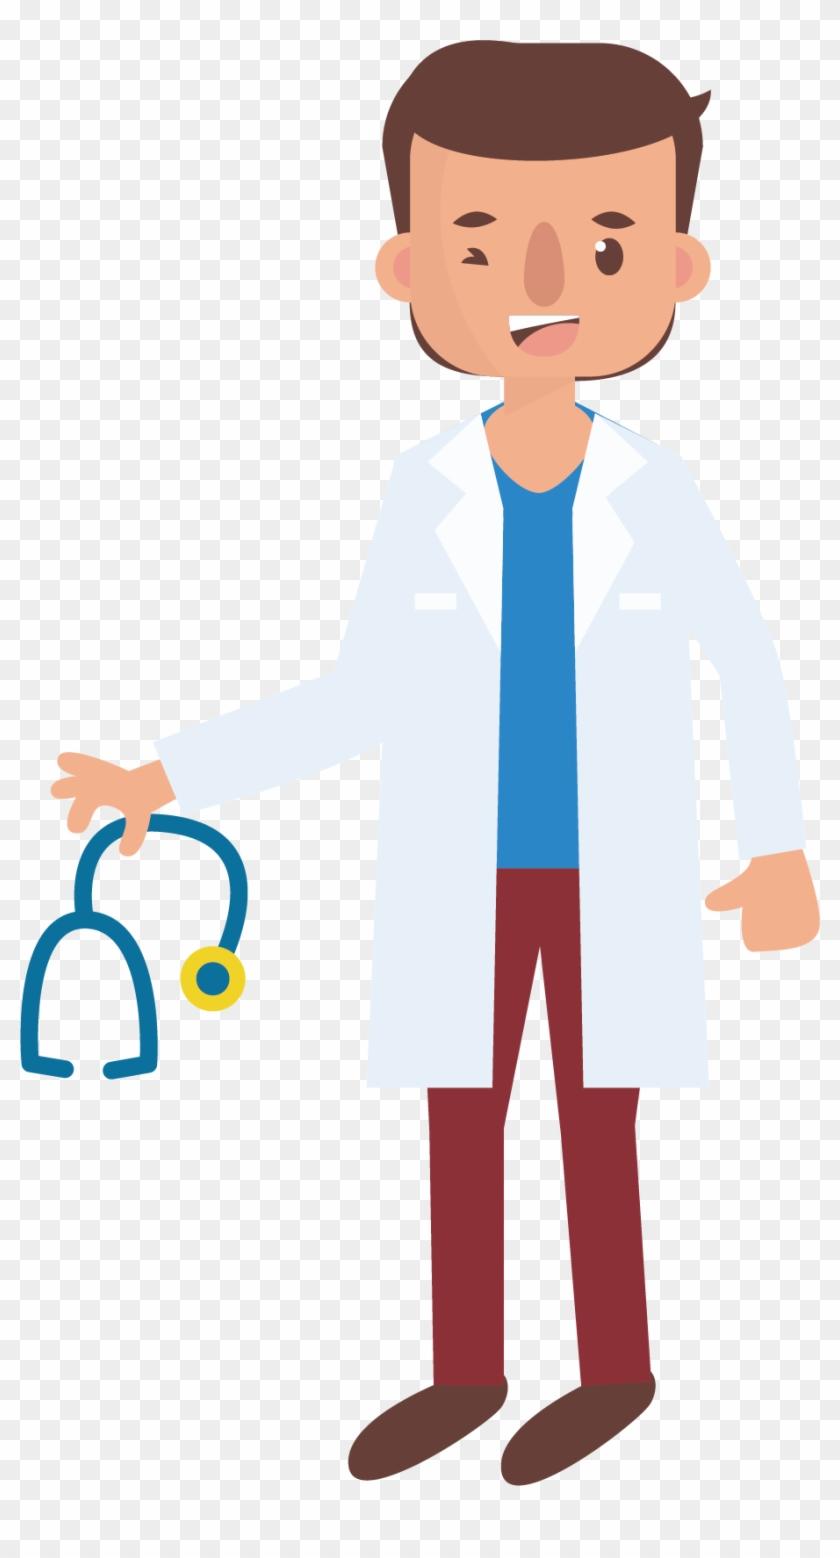 White Coat Doctor - White Coat Doctor #287761